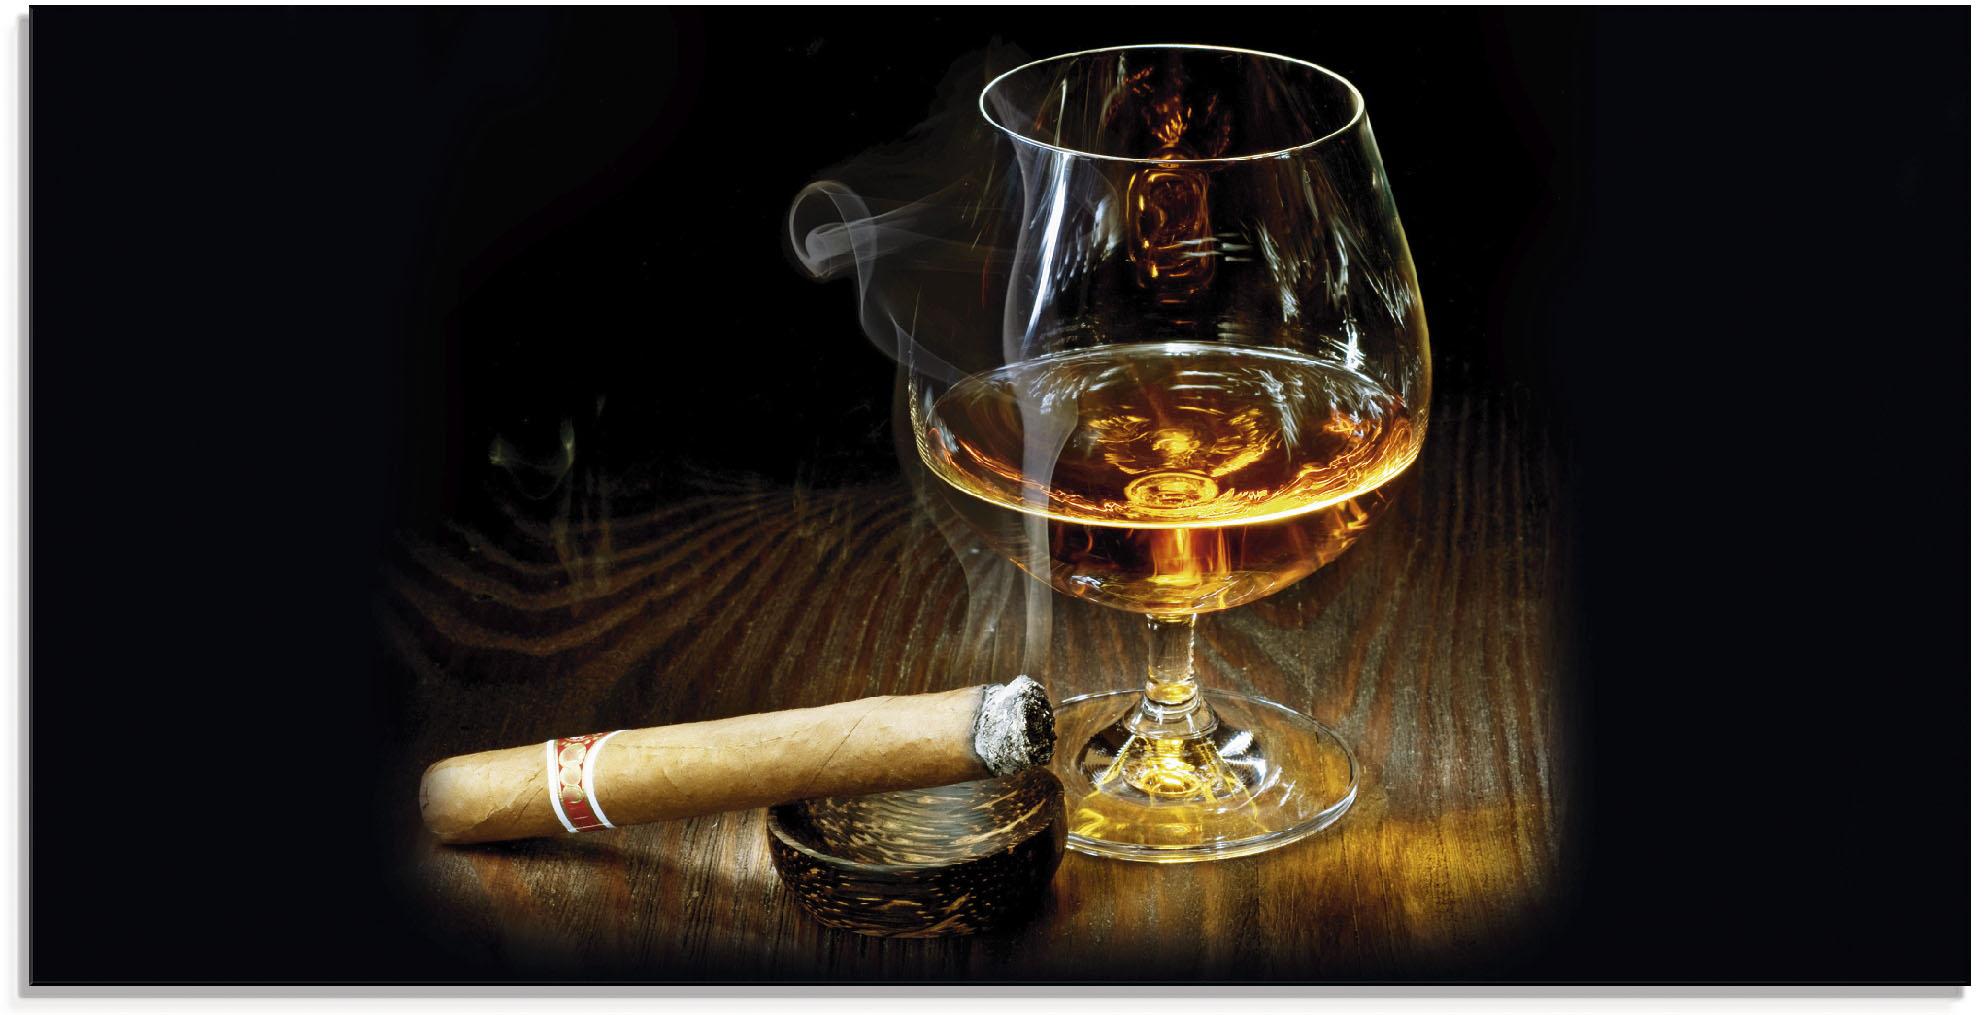 Artland Glasbild Zigarre und Cognac, Zigarren, (1 St.) braun Glasbilder Bilder Bilderrahmen Wohnaccessoires